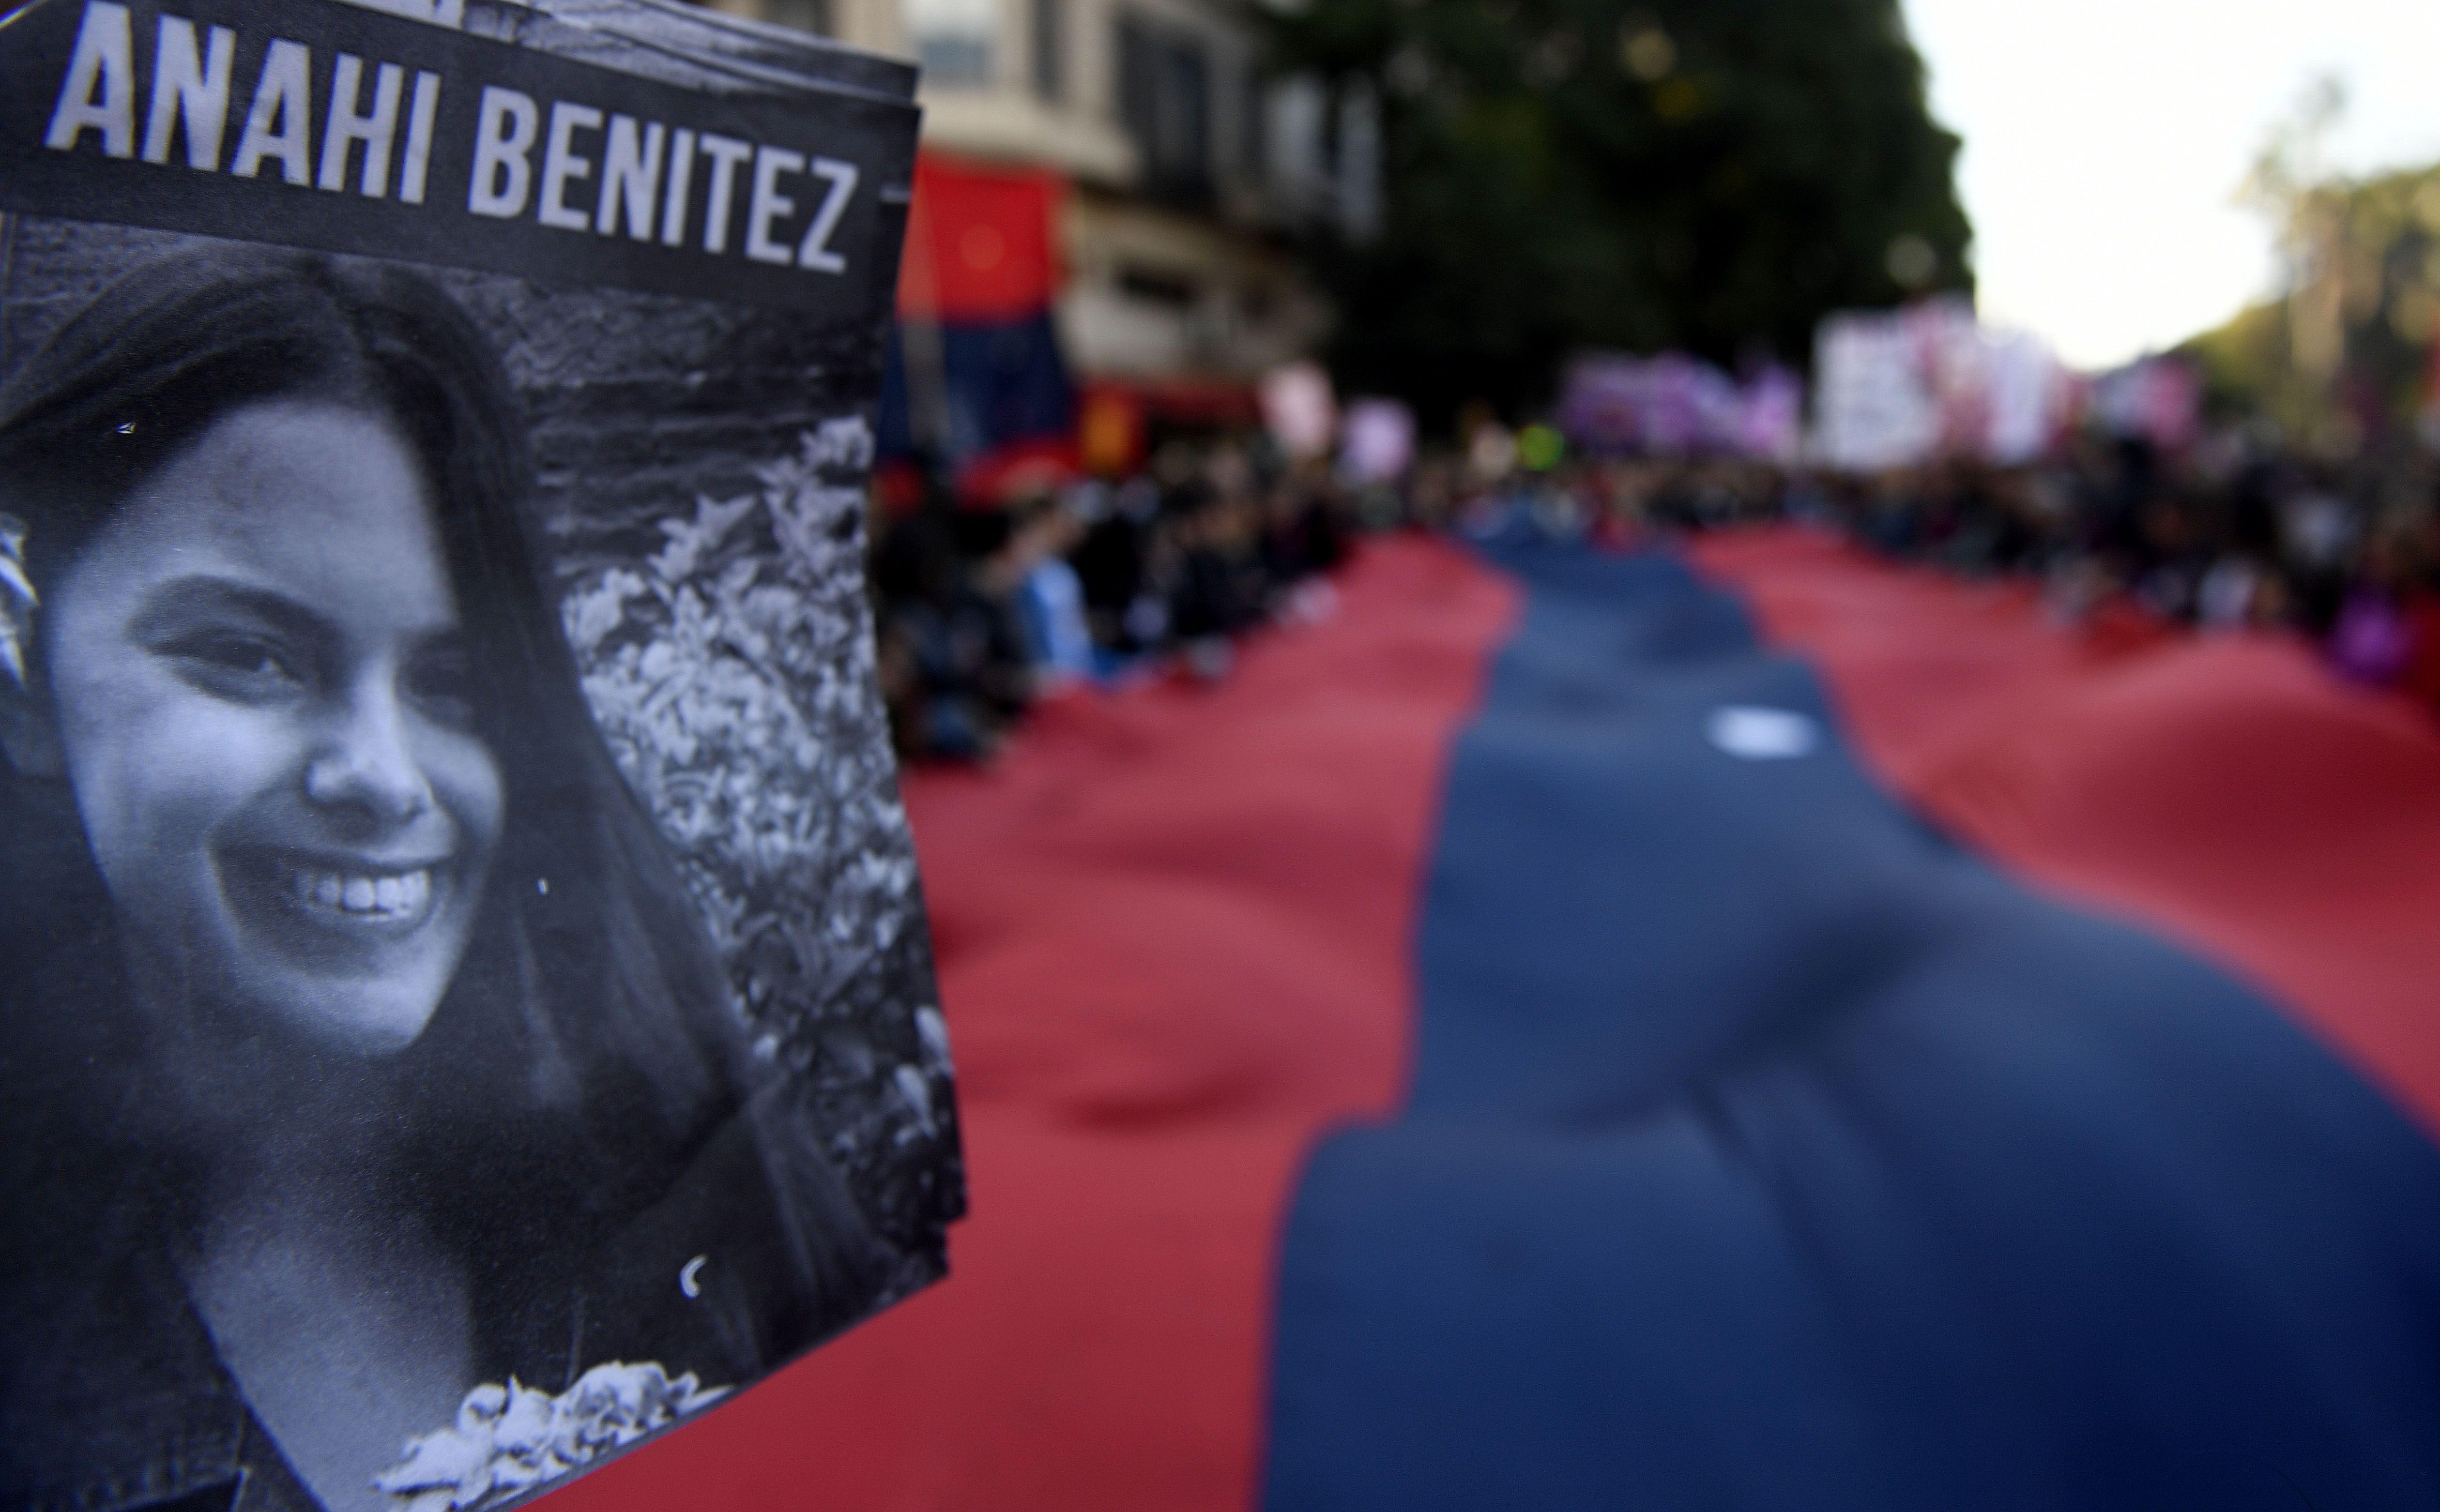 Confirman que Anahí Benítez fue violada y tiene ADN del abusador